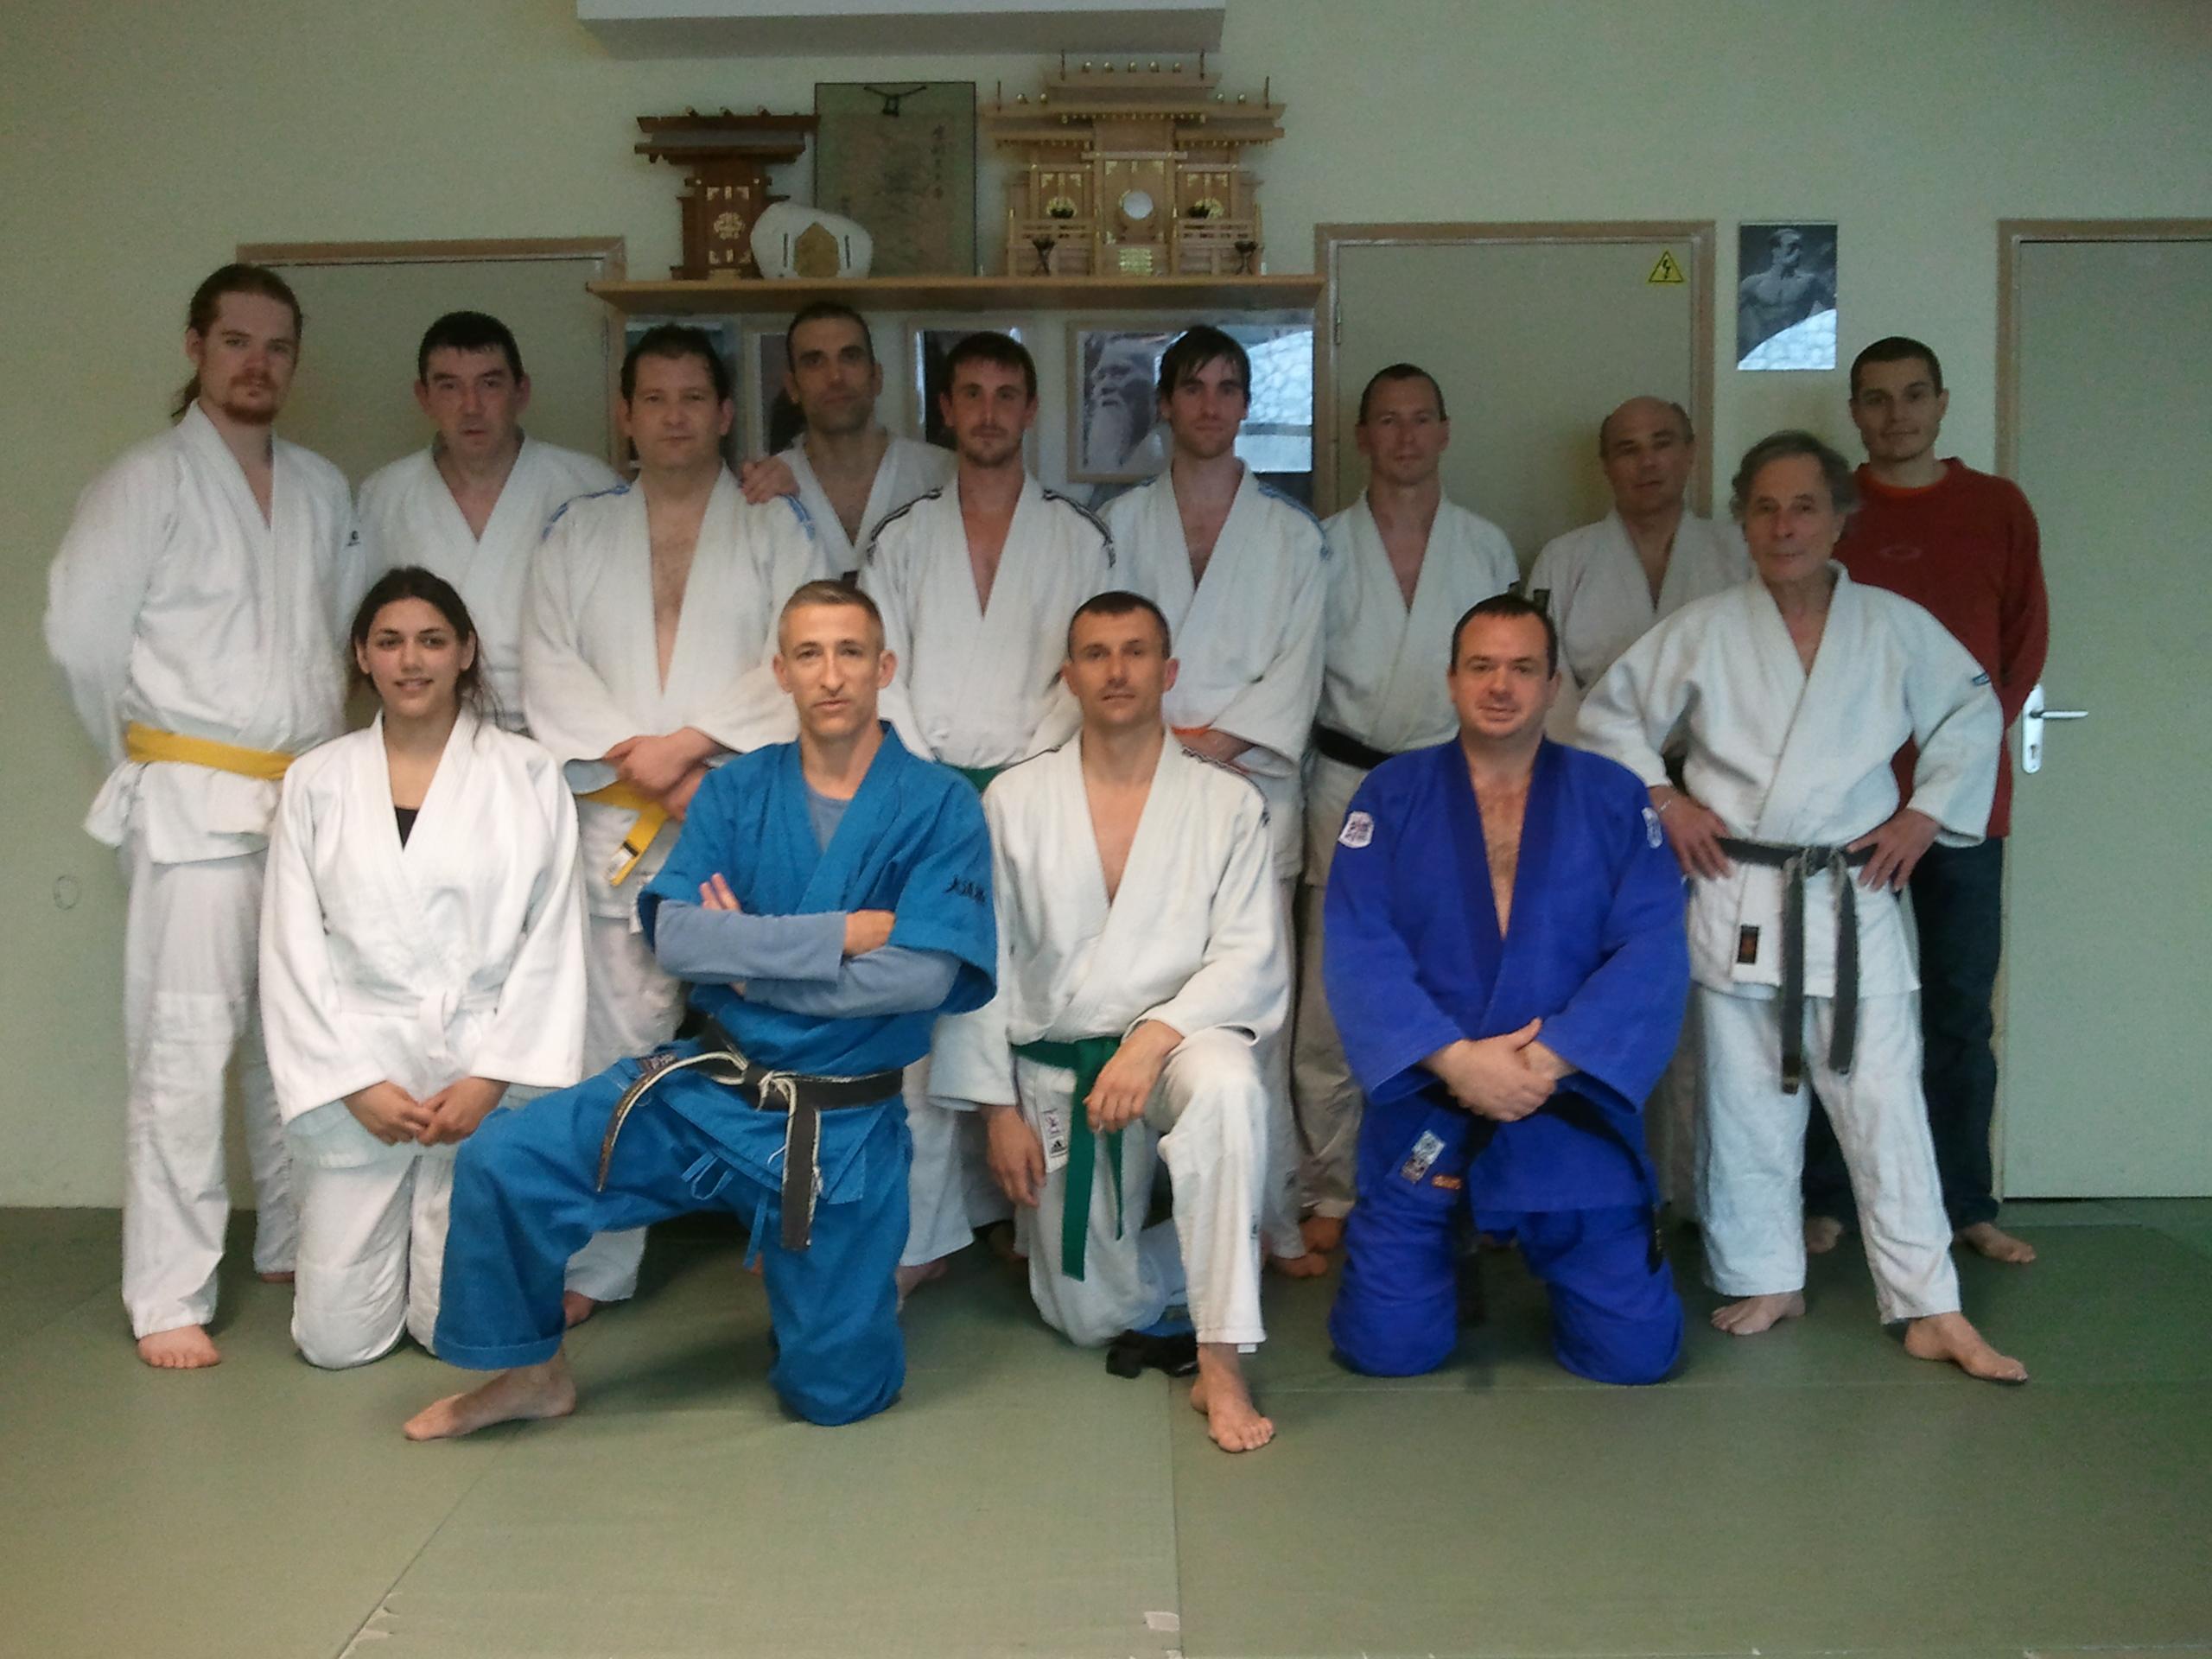 retour sur le stage jujitsu efjjsd du 2012-05-12